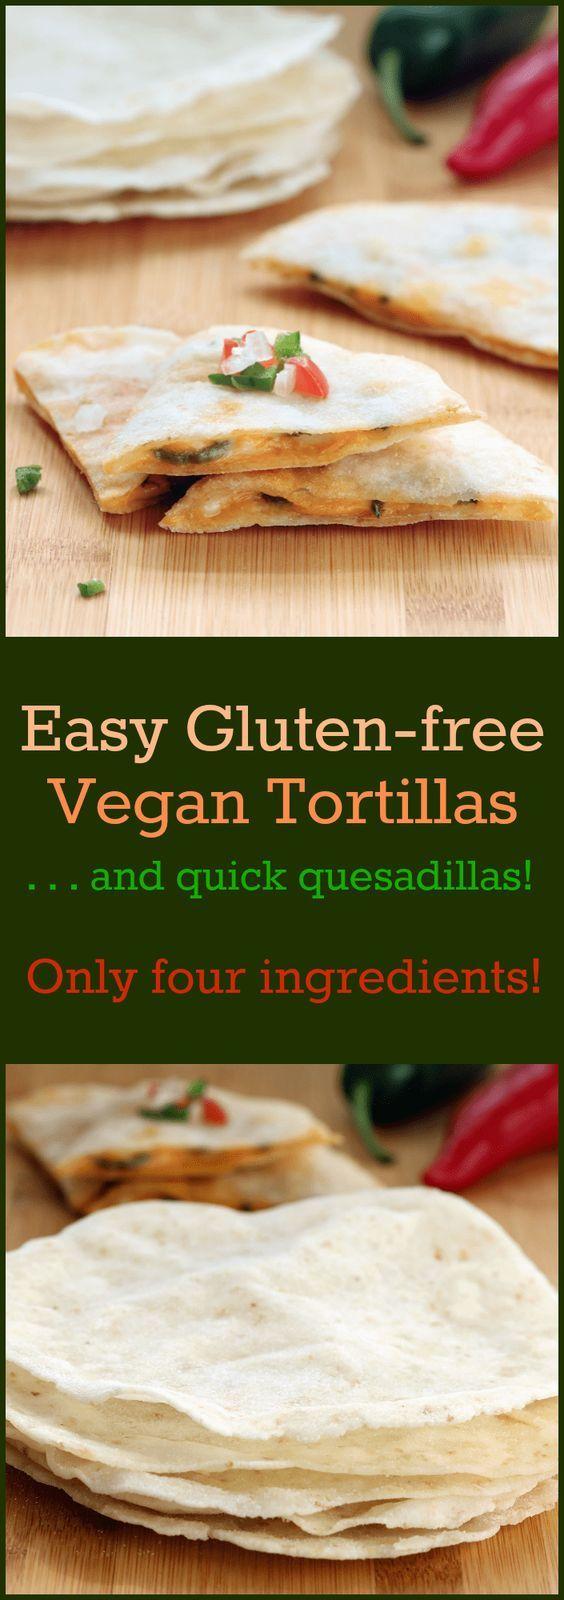 Easy Gluten-free Vegan Tortillas Collage | Vegan gluten ...